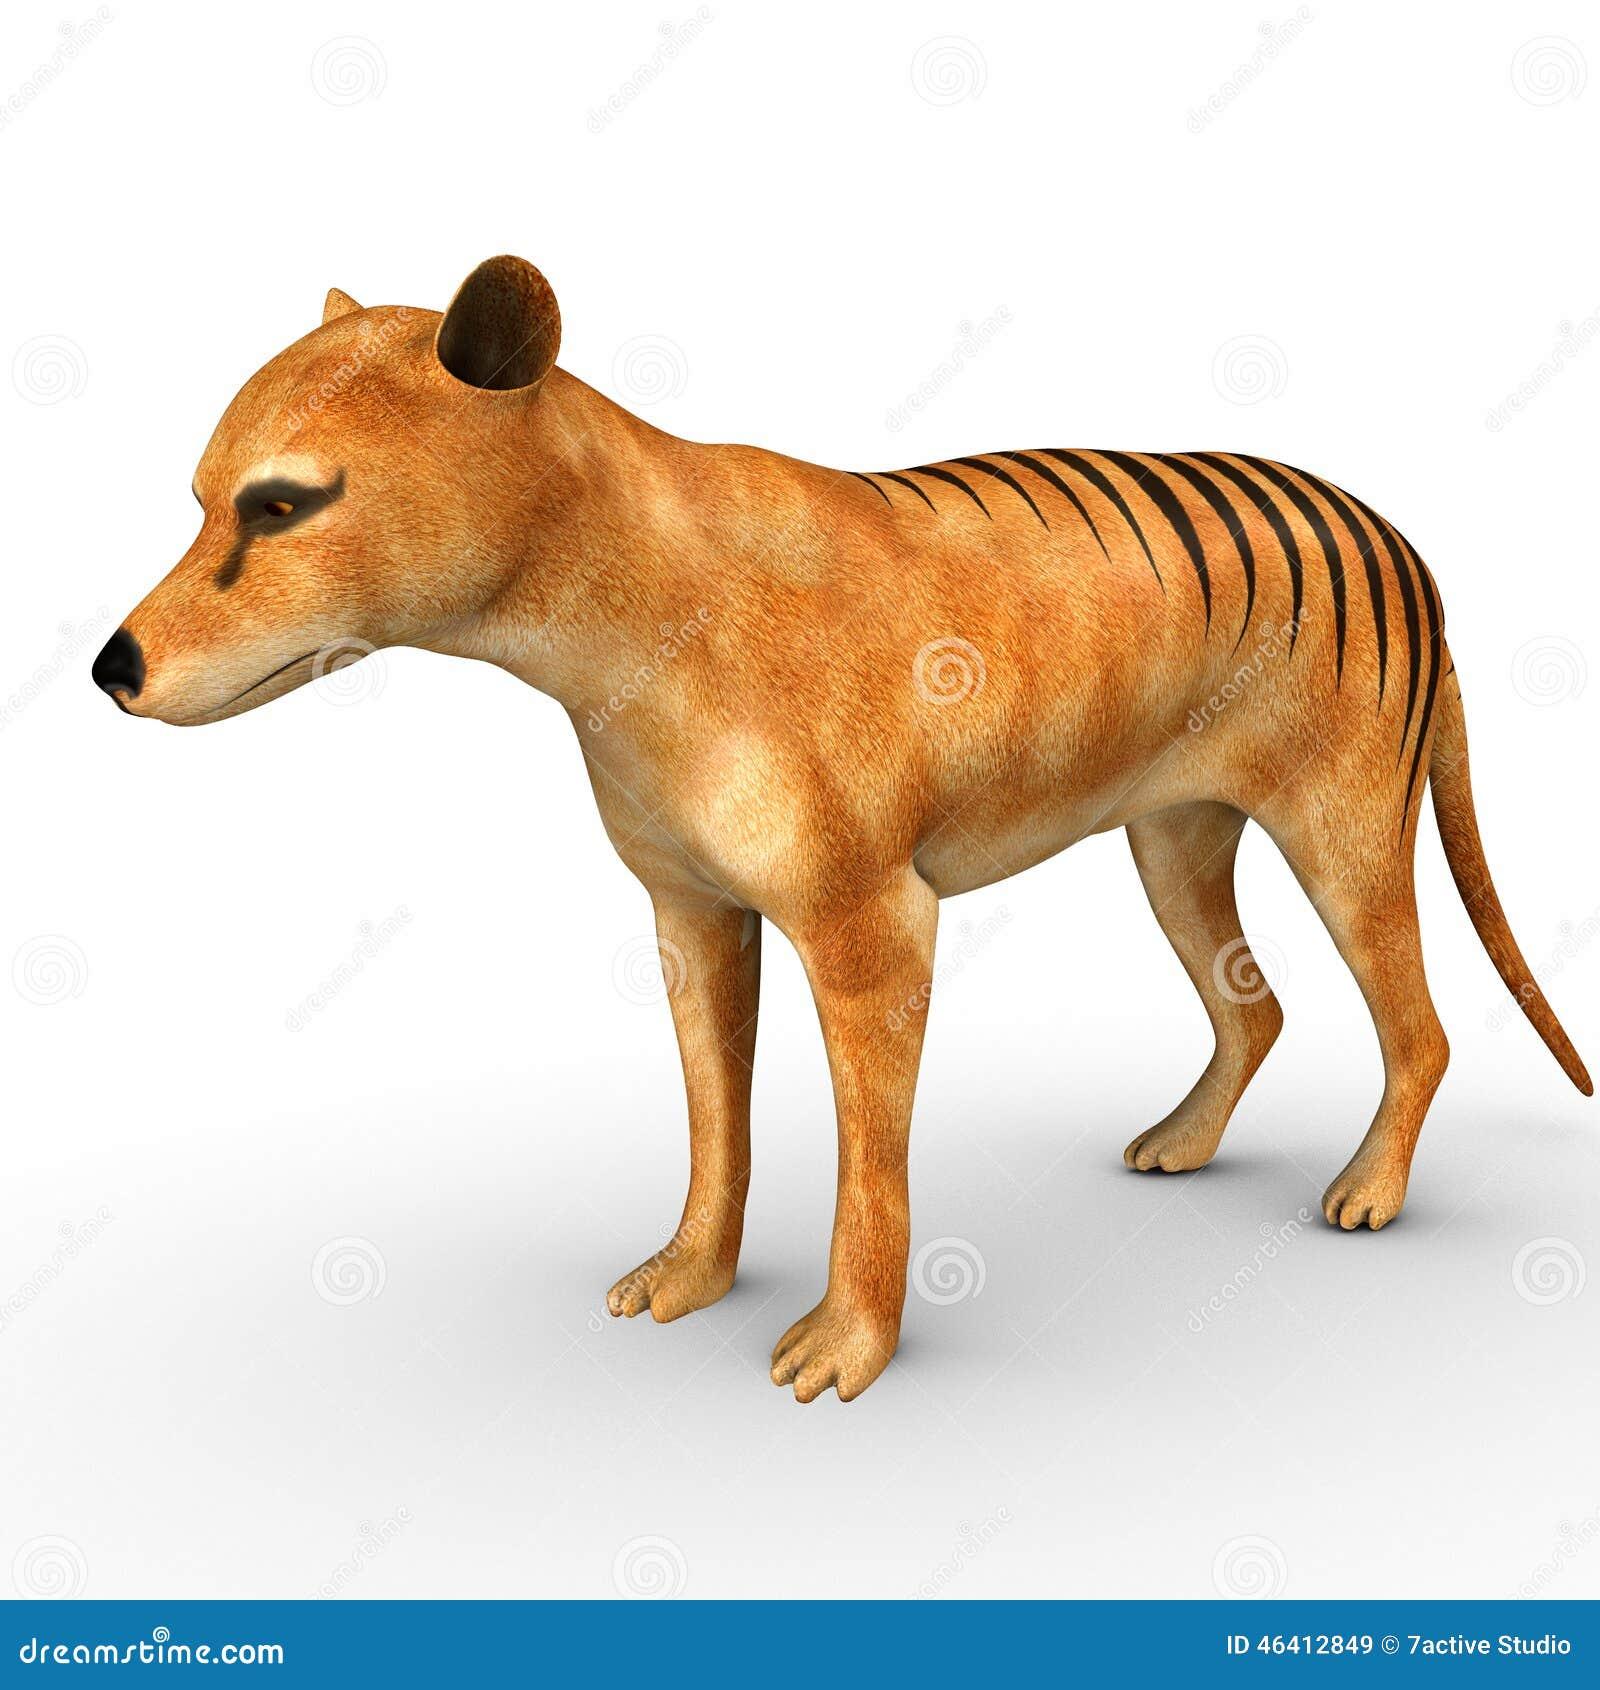 塔斯马尼亚的老虎